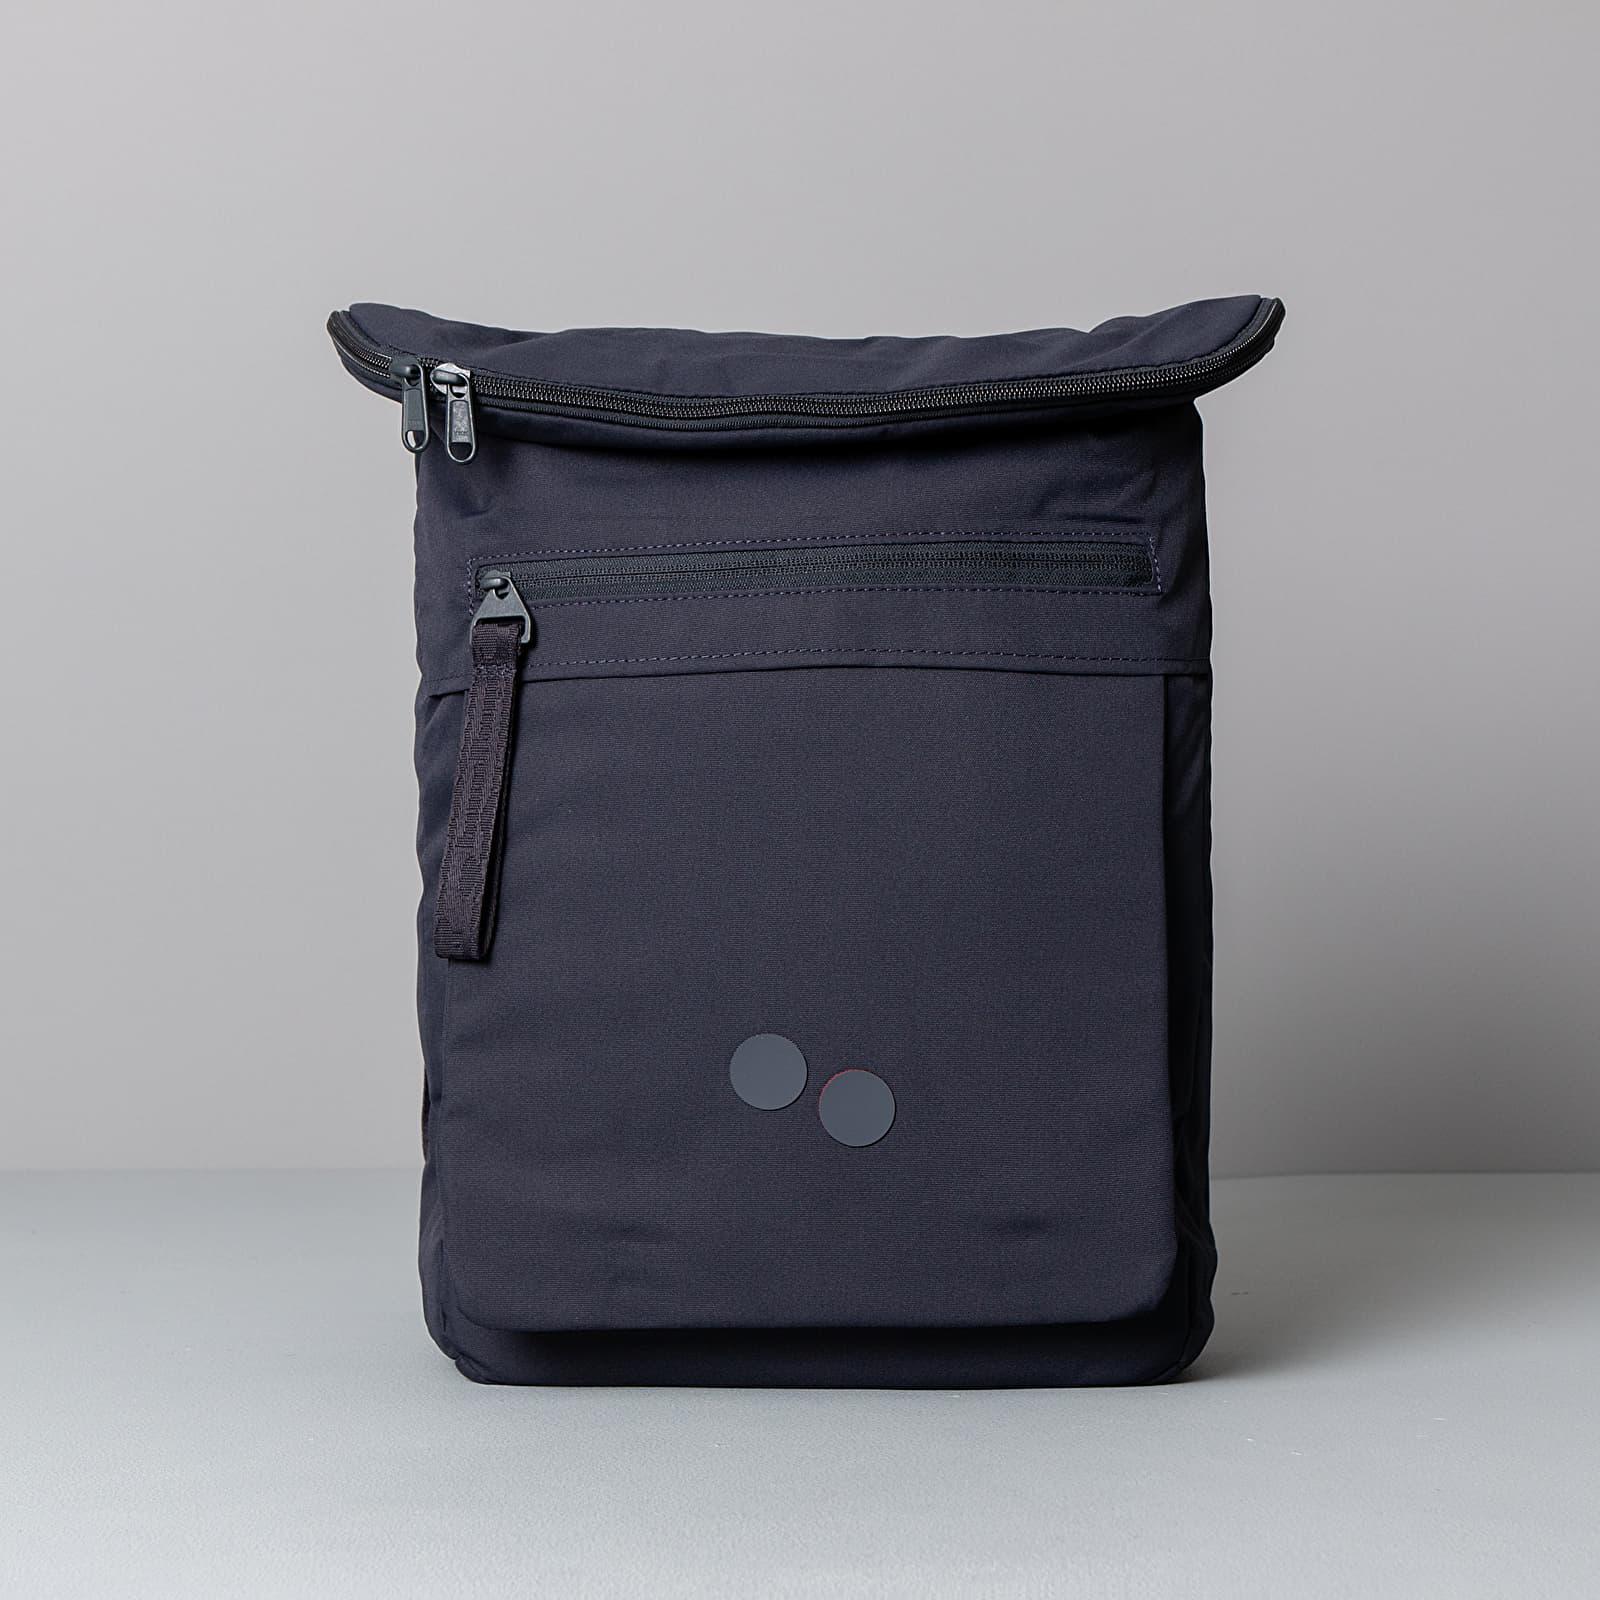 Rucsacuri pinqponq Klak Backpack Tide Blue